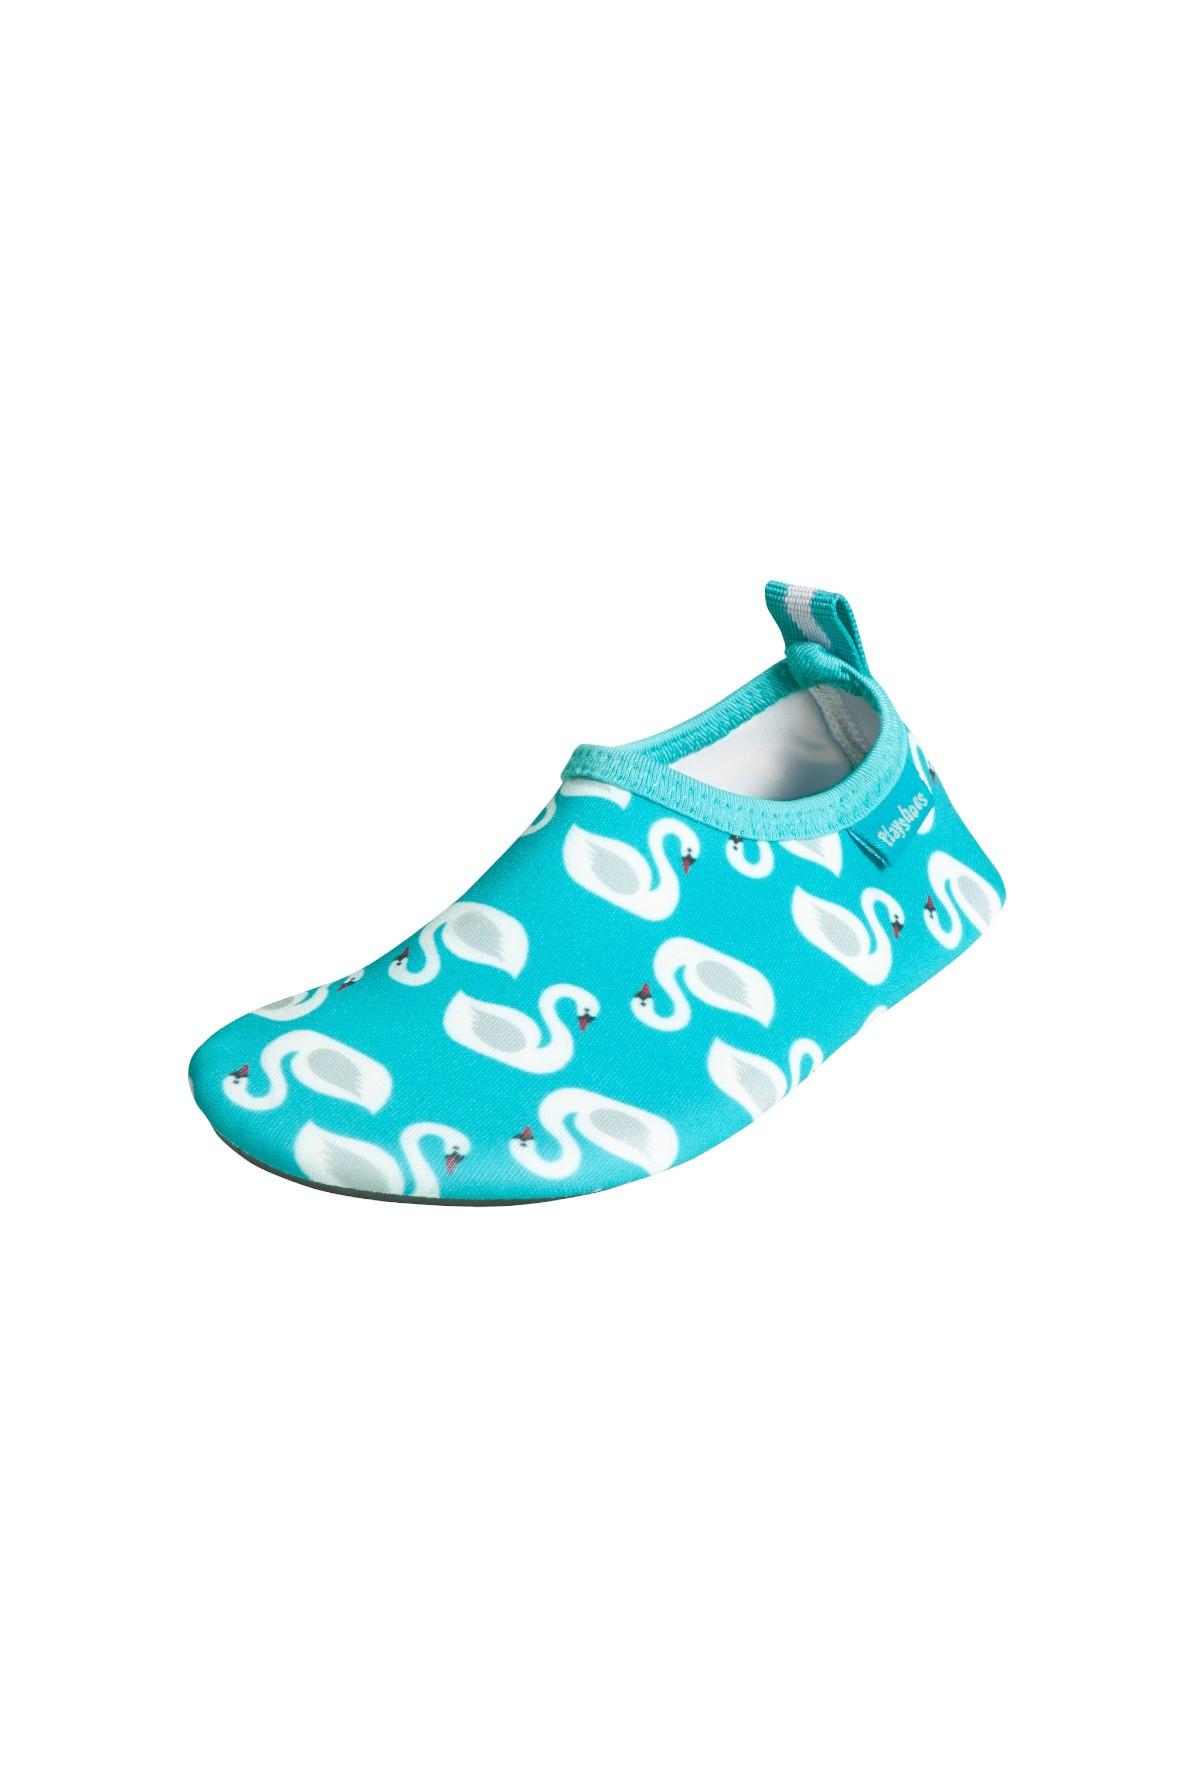 Buty kąpielowe dla dziewczynki filtr UV 50+ łabędzie